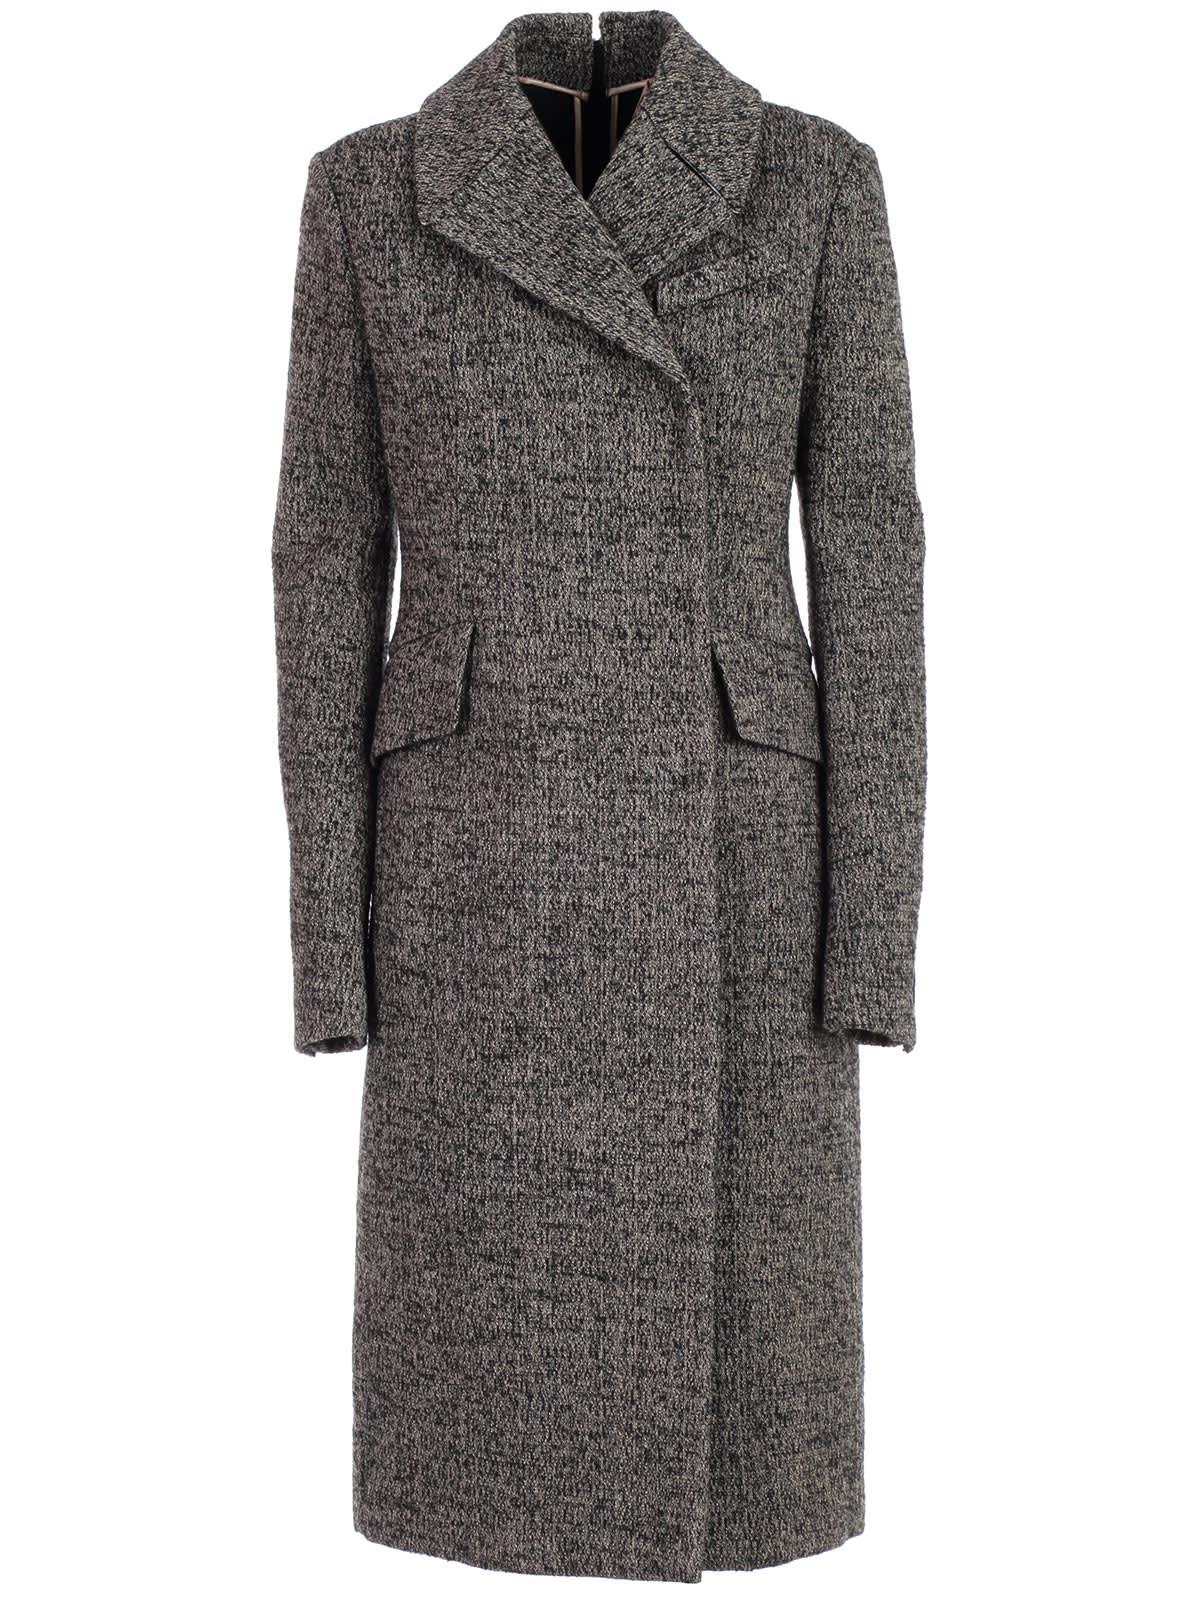 N.21 Coat Boucle W/zip Behind